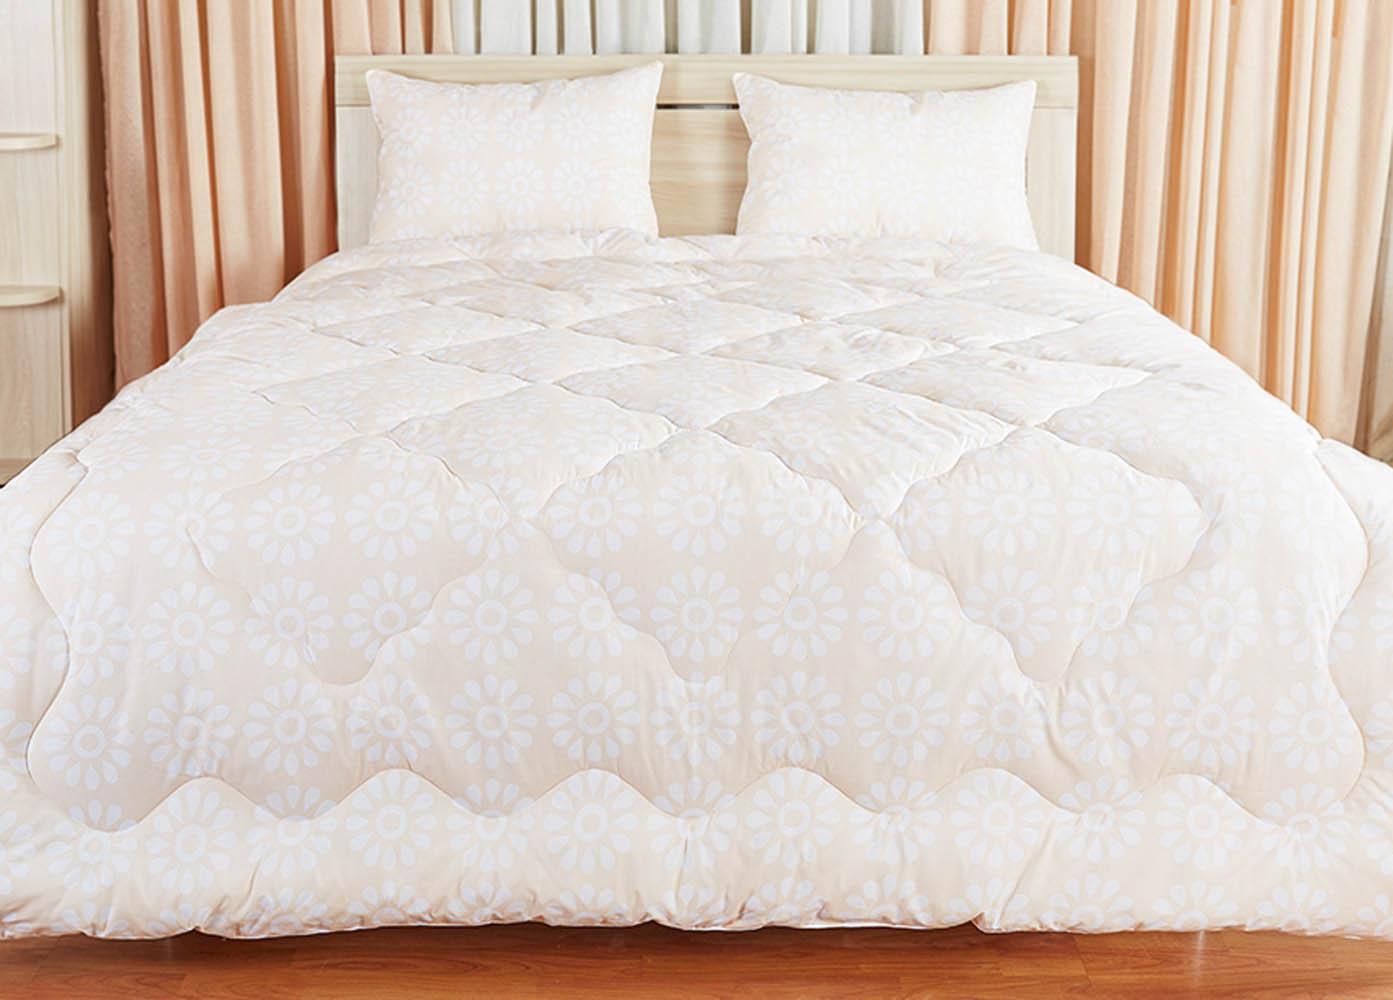 Одеяла Подушкино Одеяло Влада  (200х220 см) одеяло оун 22 200х220 см